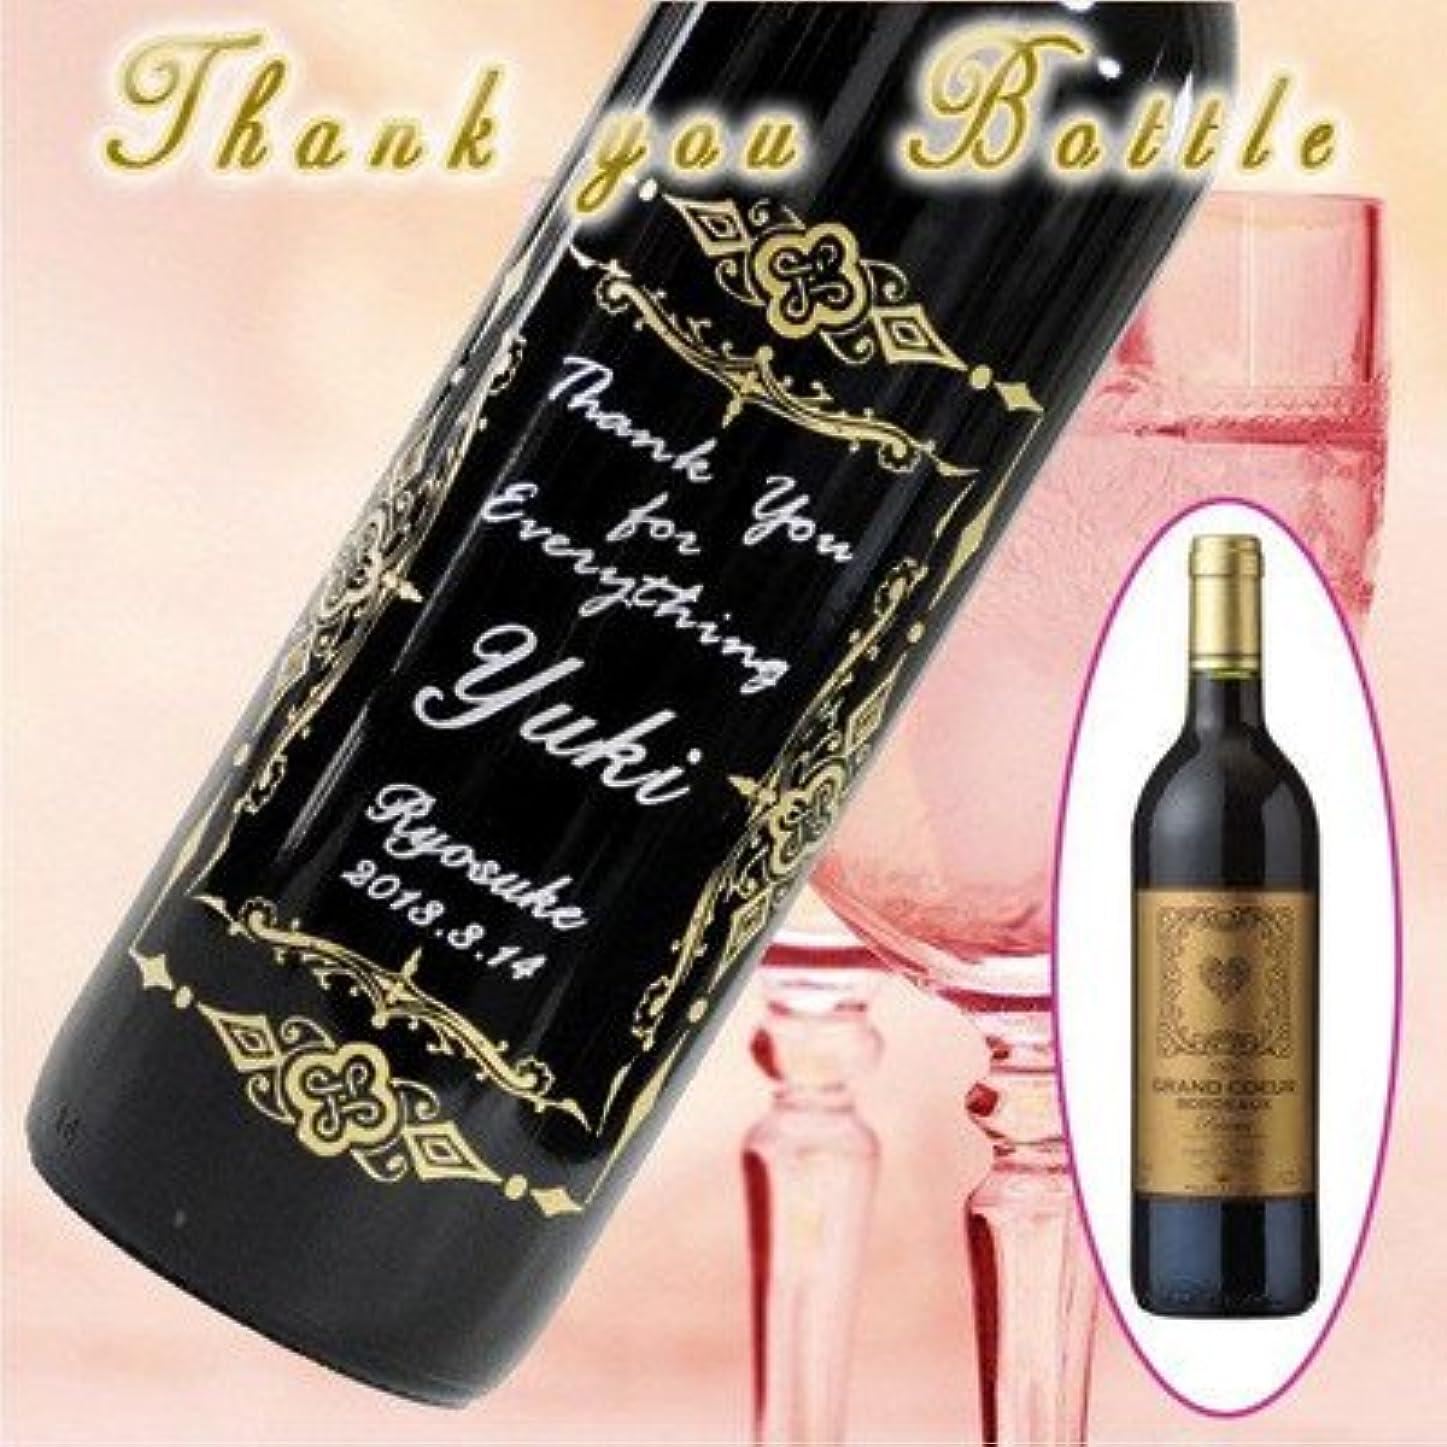 ポインタ早いバレルガラスデザイン工房 名入れ酒 フランス産赤ワイン フォント:Z-1